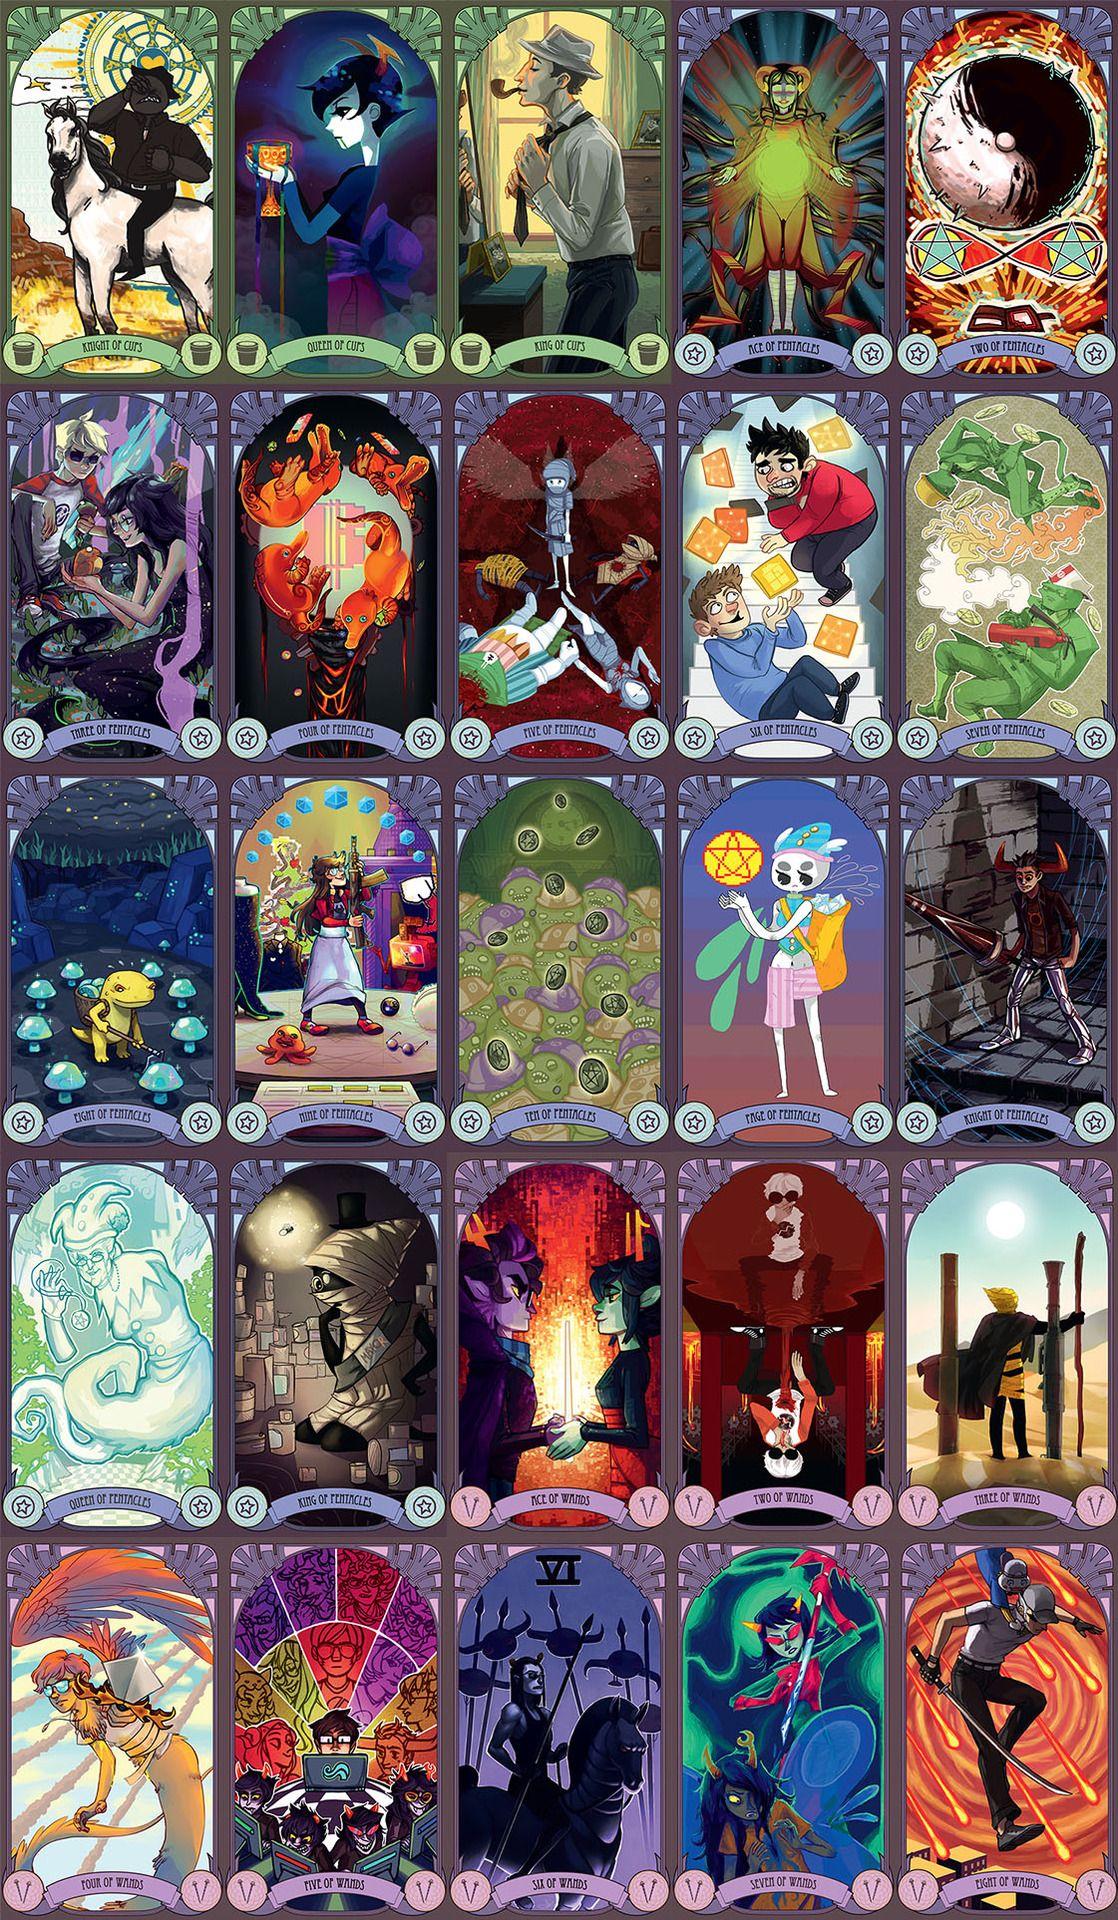 tarot card images download